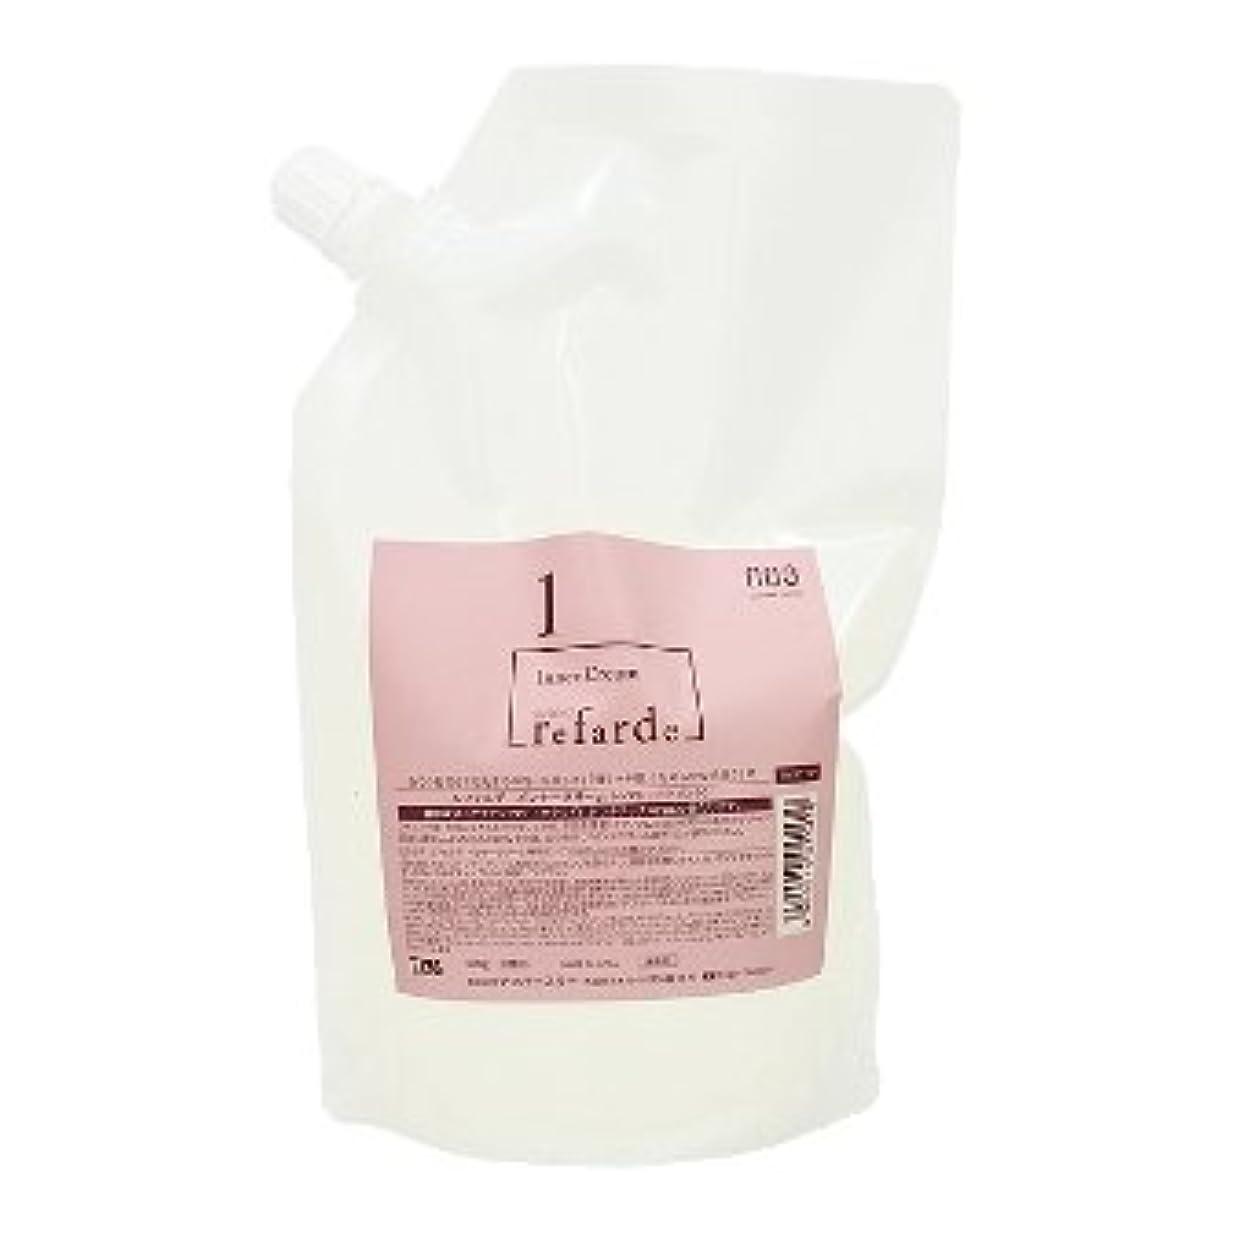 アソシエイト生き残り葉を拾うナンバースリー ルファルデ インナークリーム 1剤 500g(レフィル)